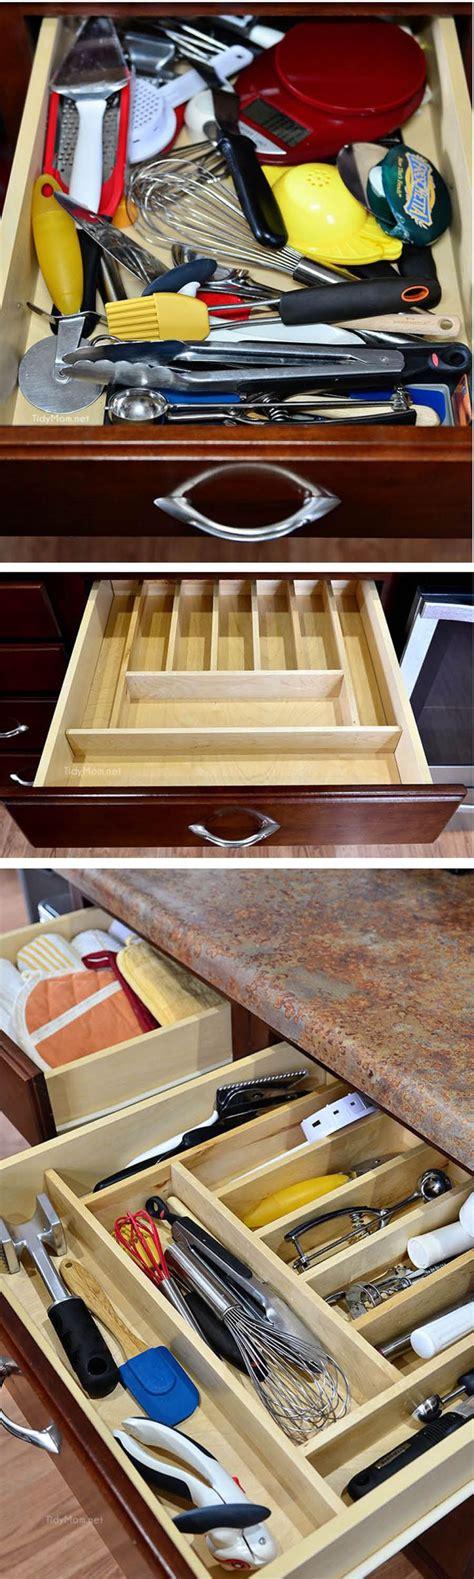 best way to organize kitchen cabinets and drawers best 25 kitchen organization ideas on pinterest